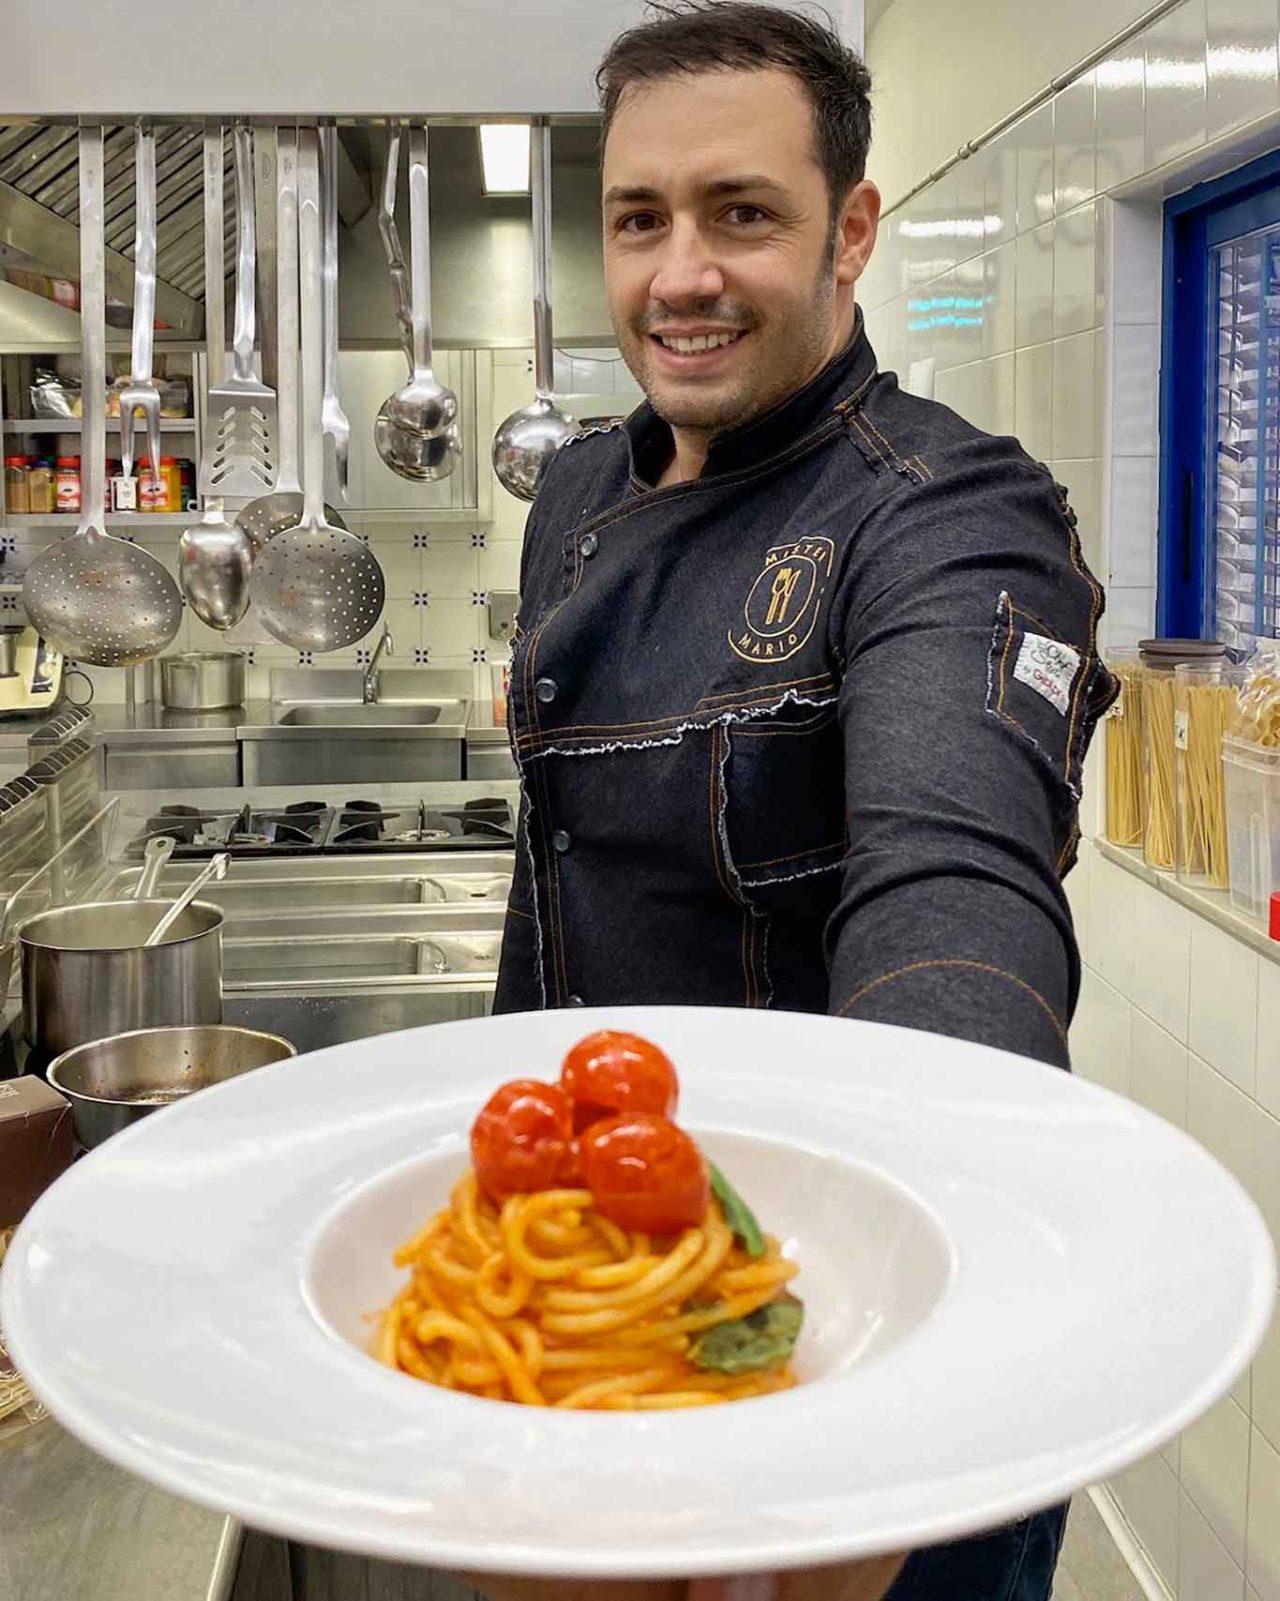 Una pasta italiana migliore: spaghetti al pomodoro